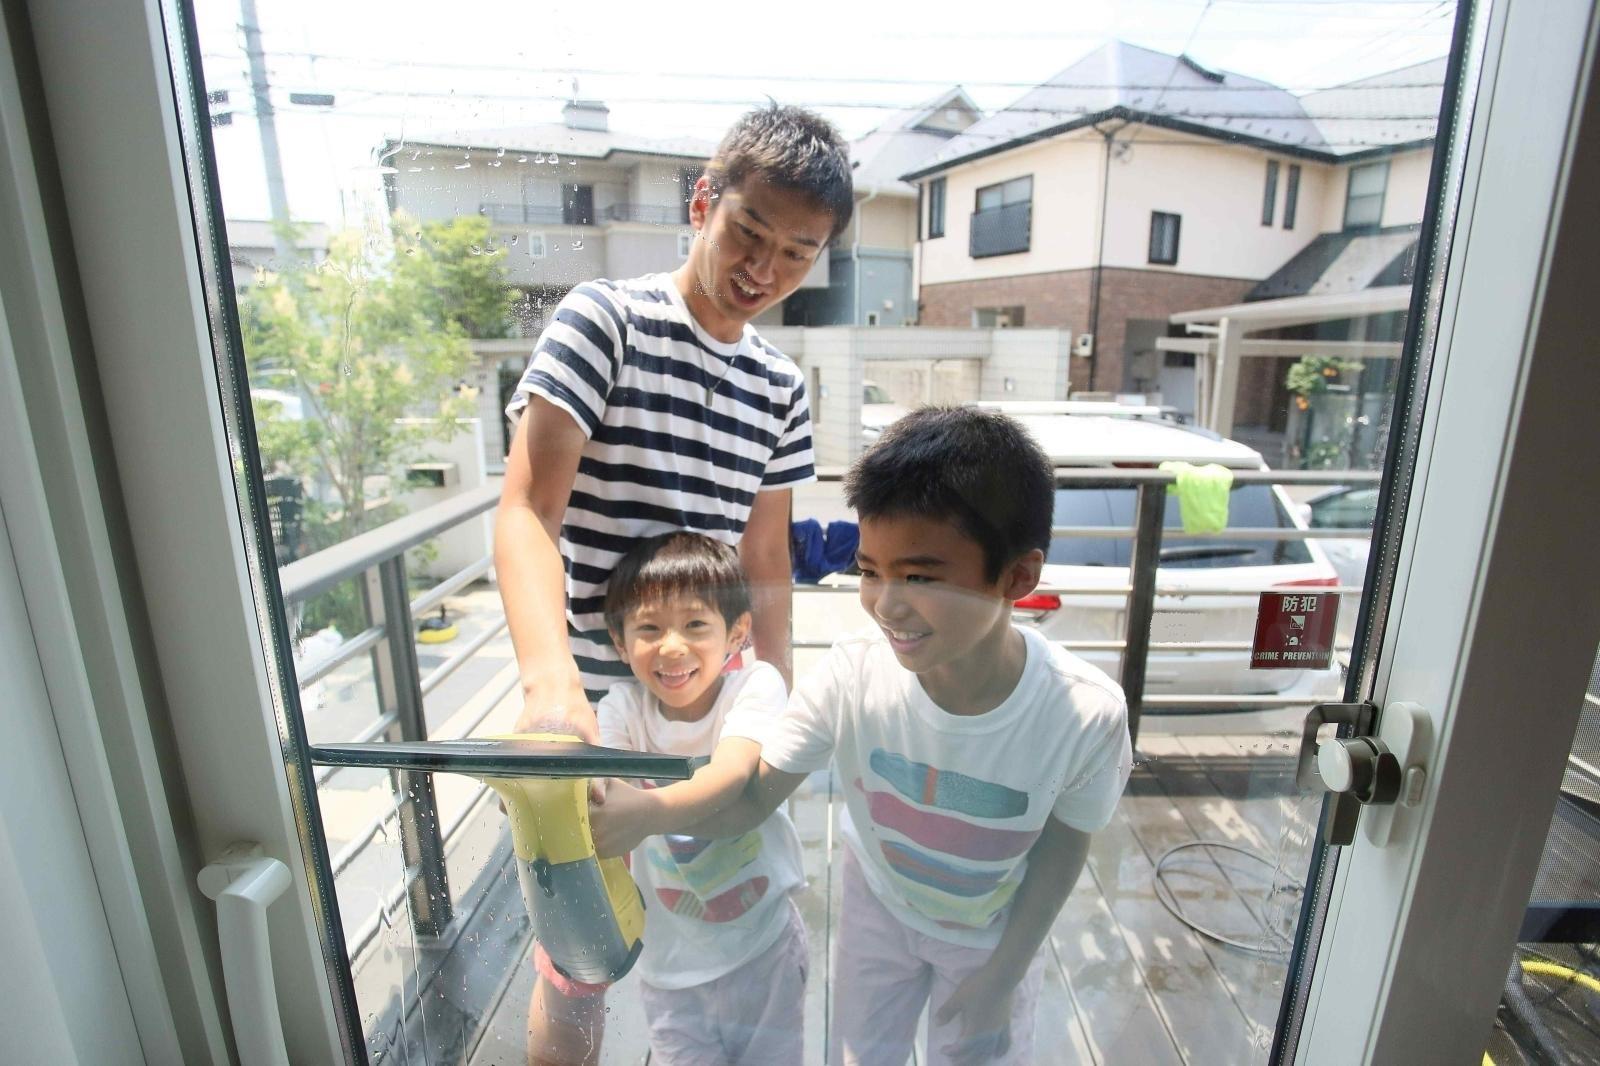 窓掃除をするお父さんと子どもたち